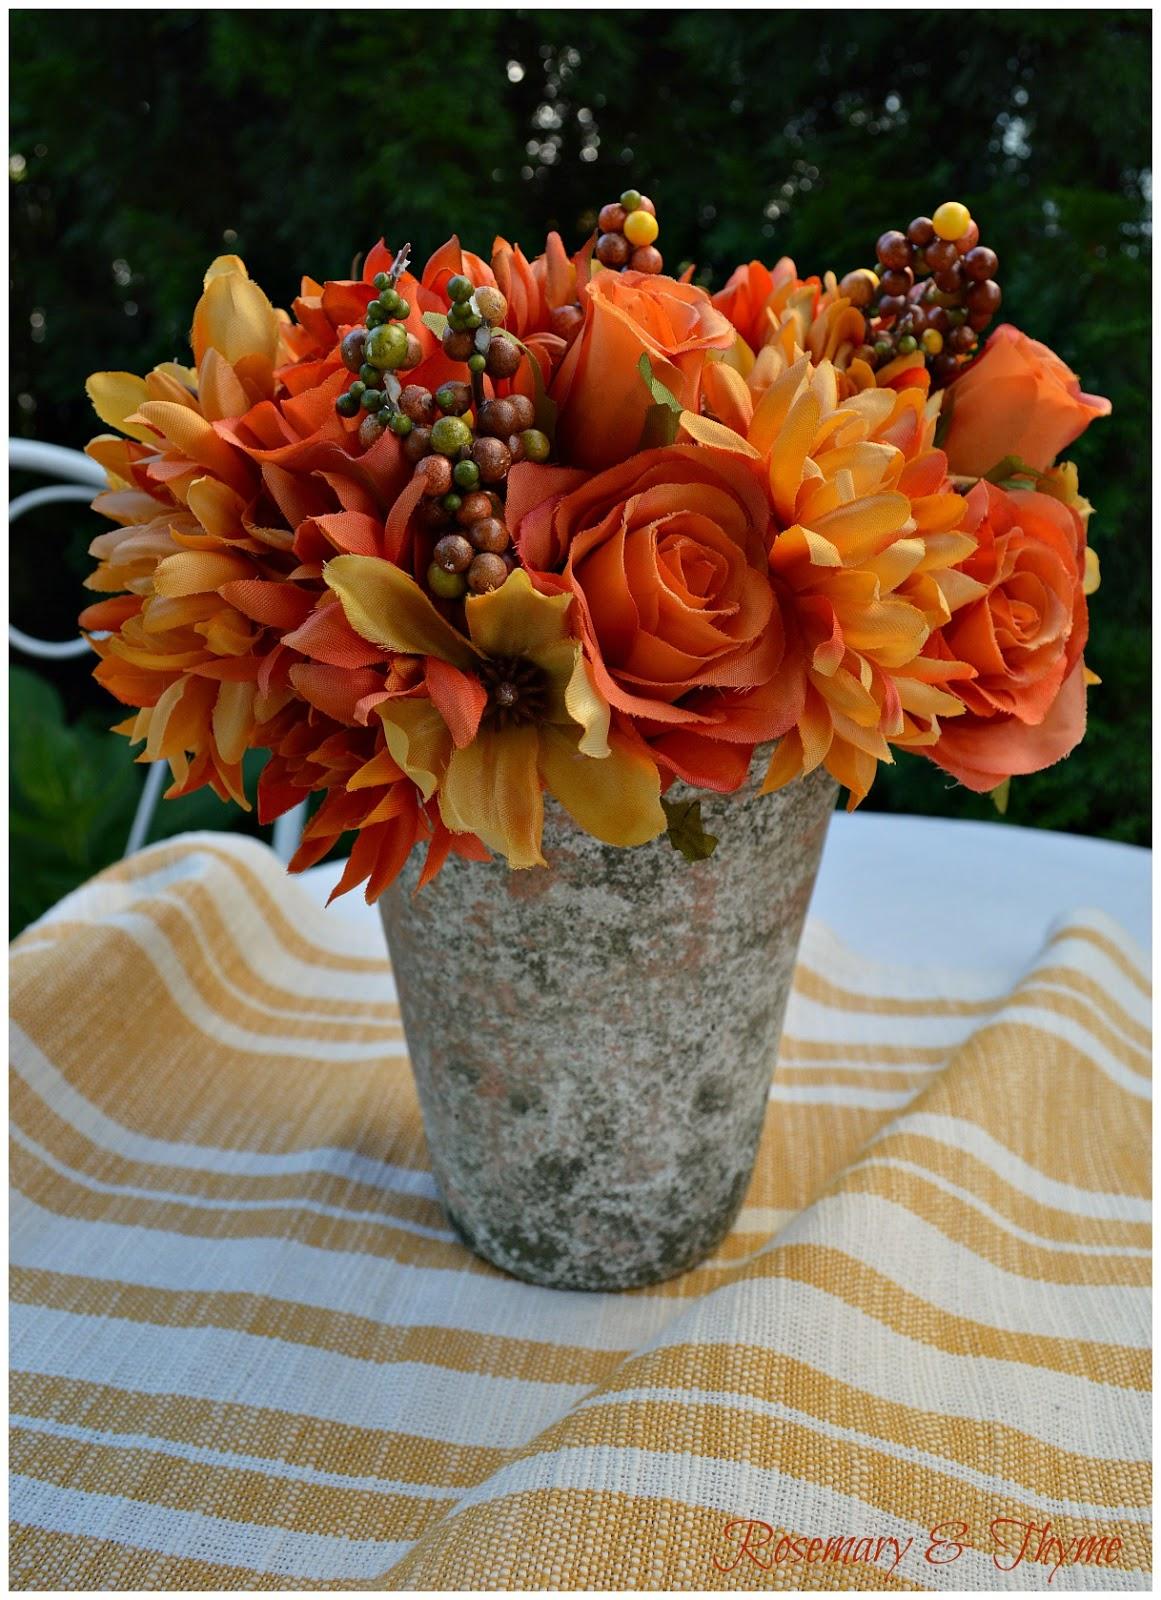 Easy & Budget Friendly Autumn Floral Arrangements